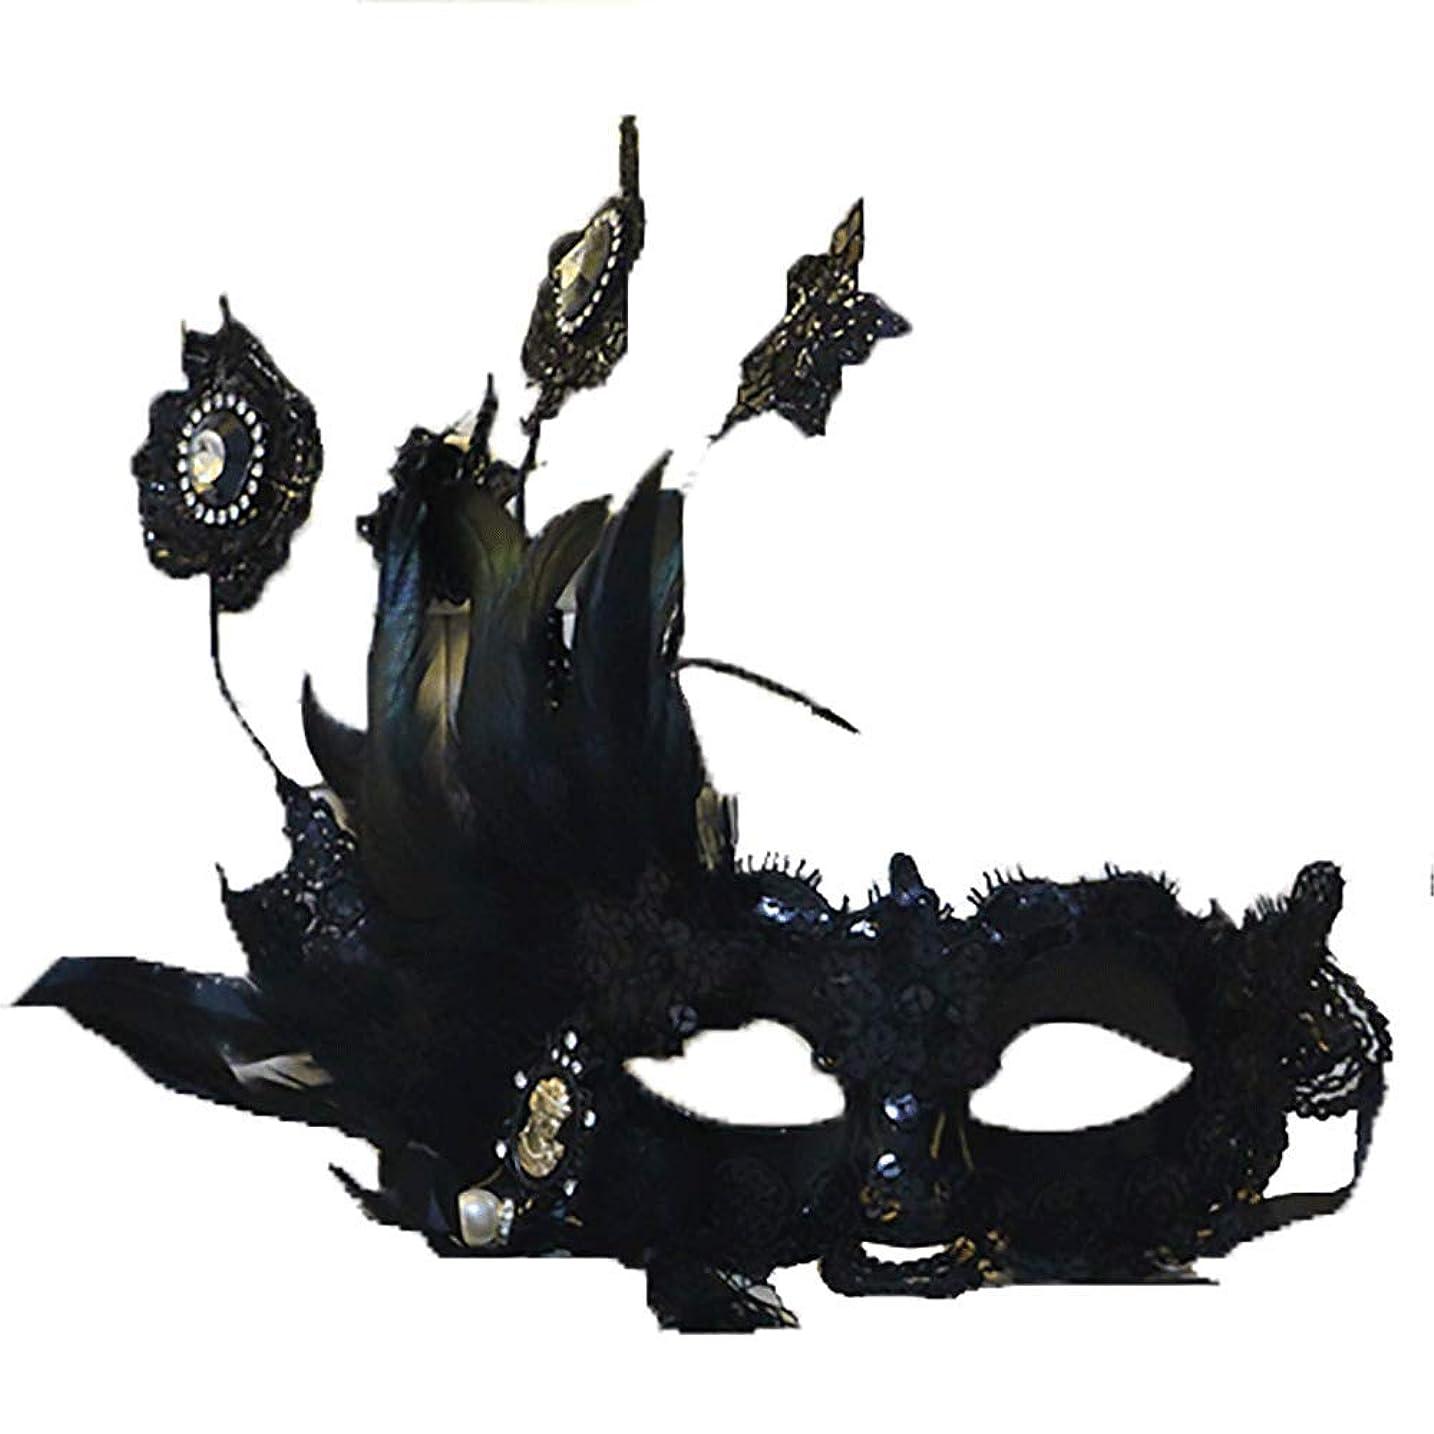 要旨大胆不敵ダイジェストNanle Halloween Ornate Blackコロンビーナフェザーマスク